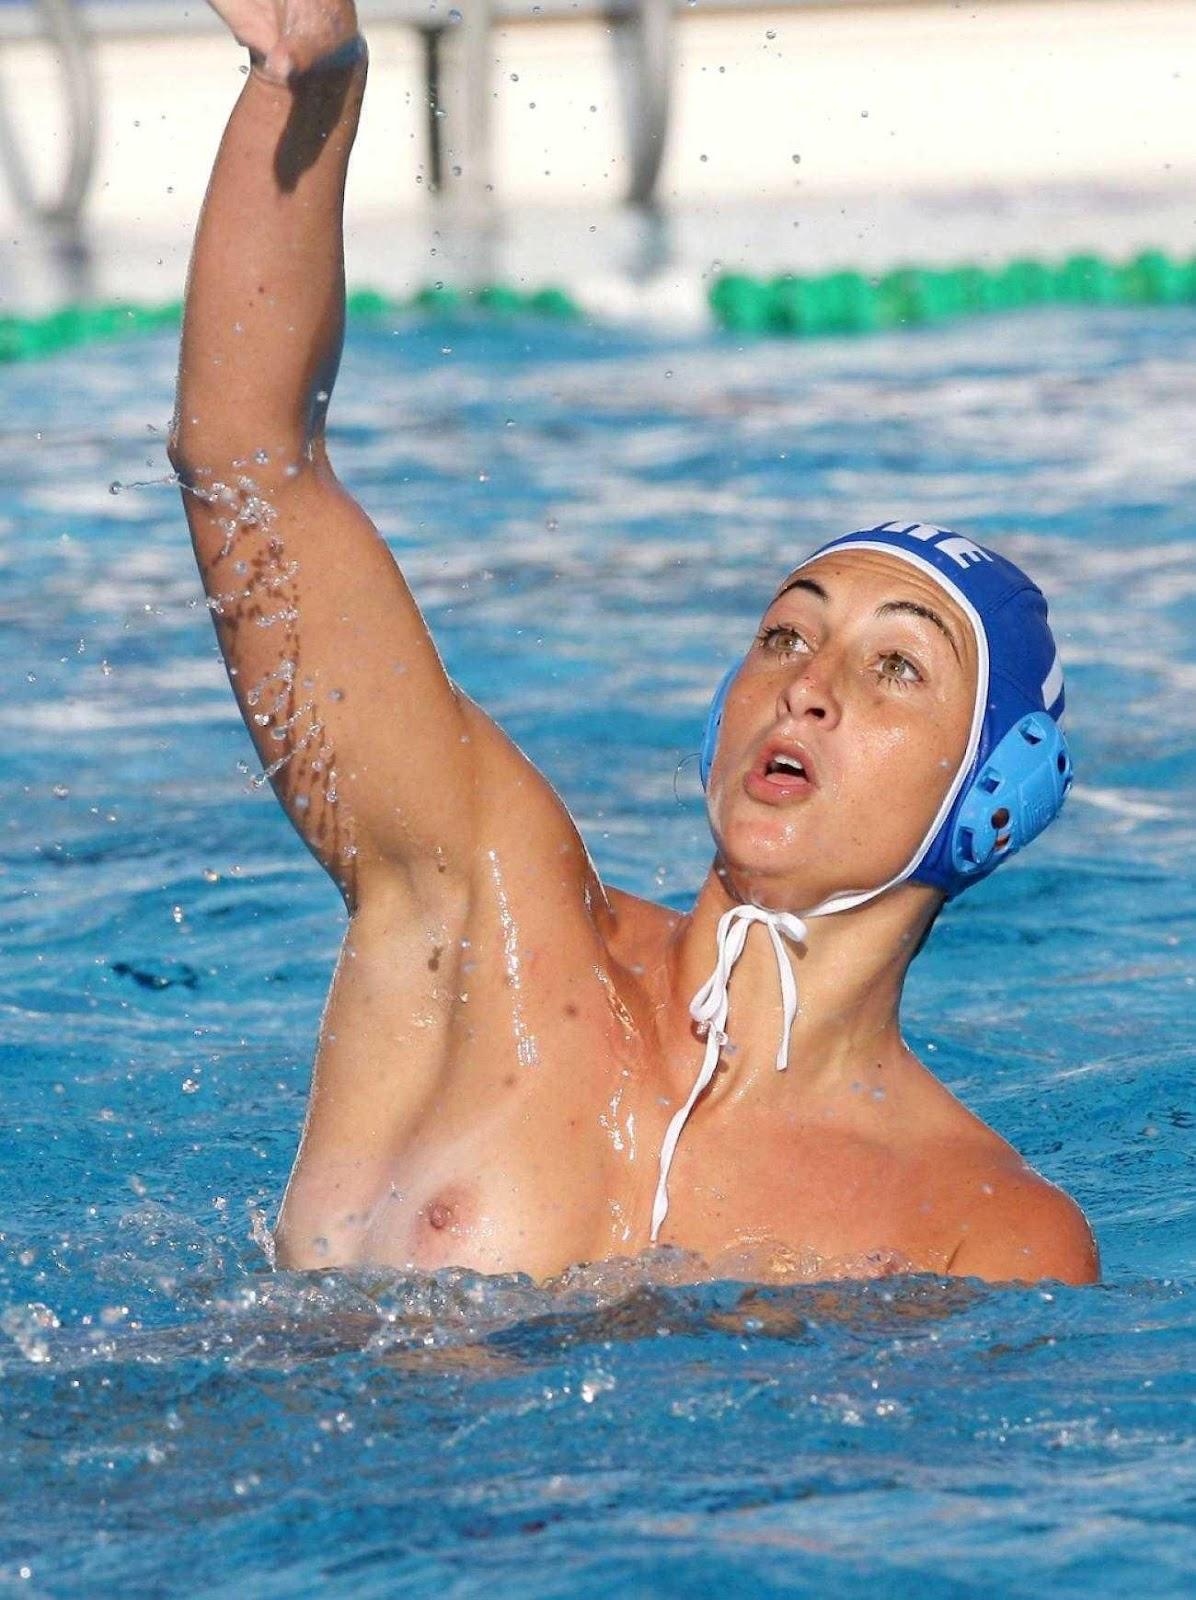 соревнования голых пловчих видео